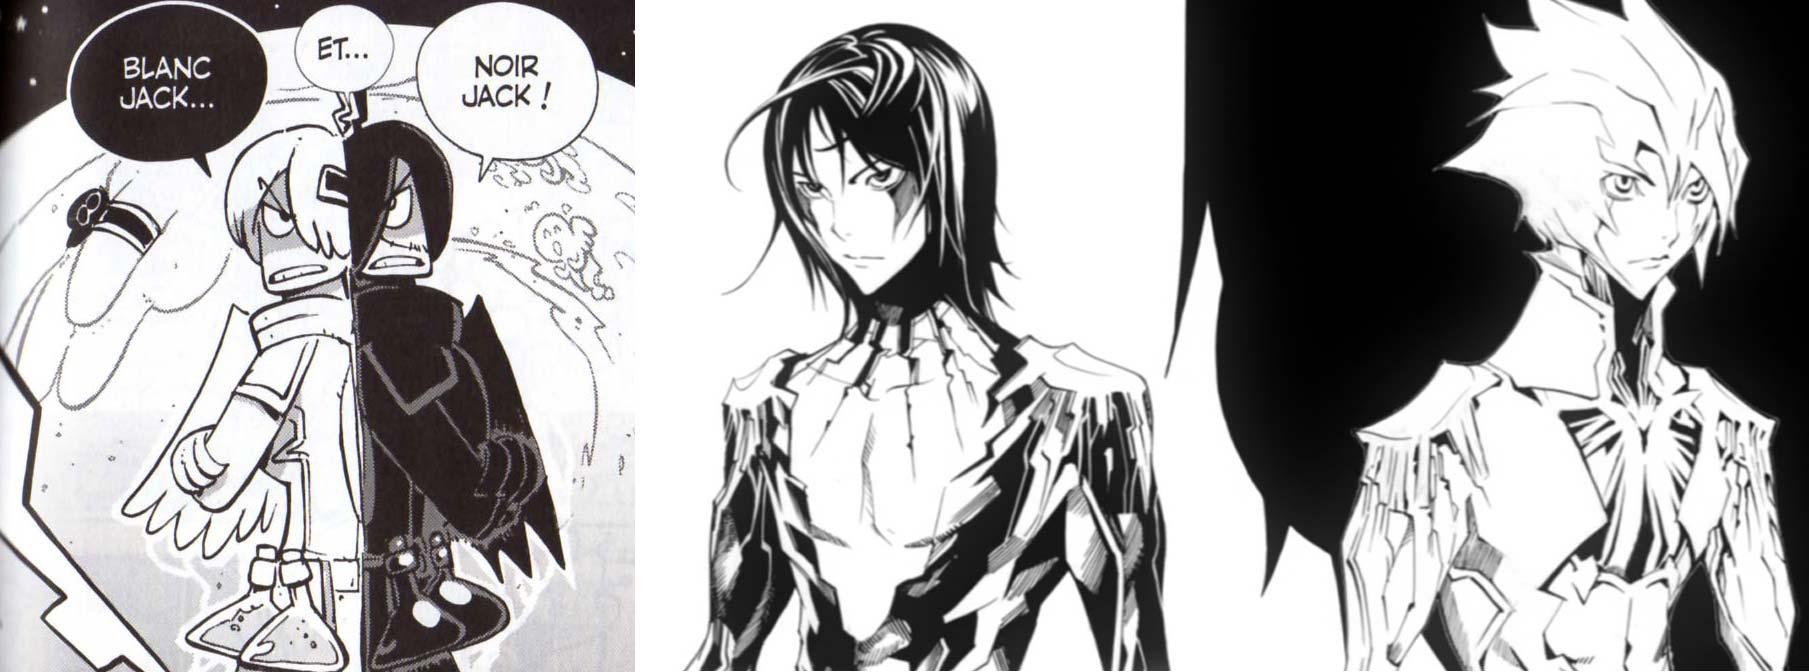 La version blanche de Noir Jack évoquent fortement les deux démons jumeaux Reversi